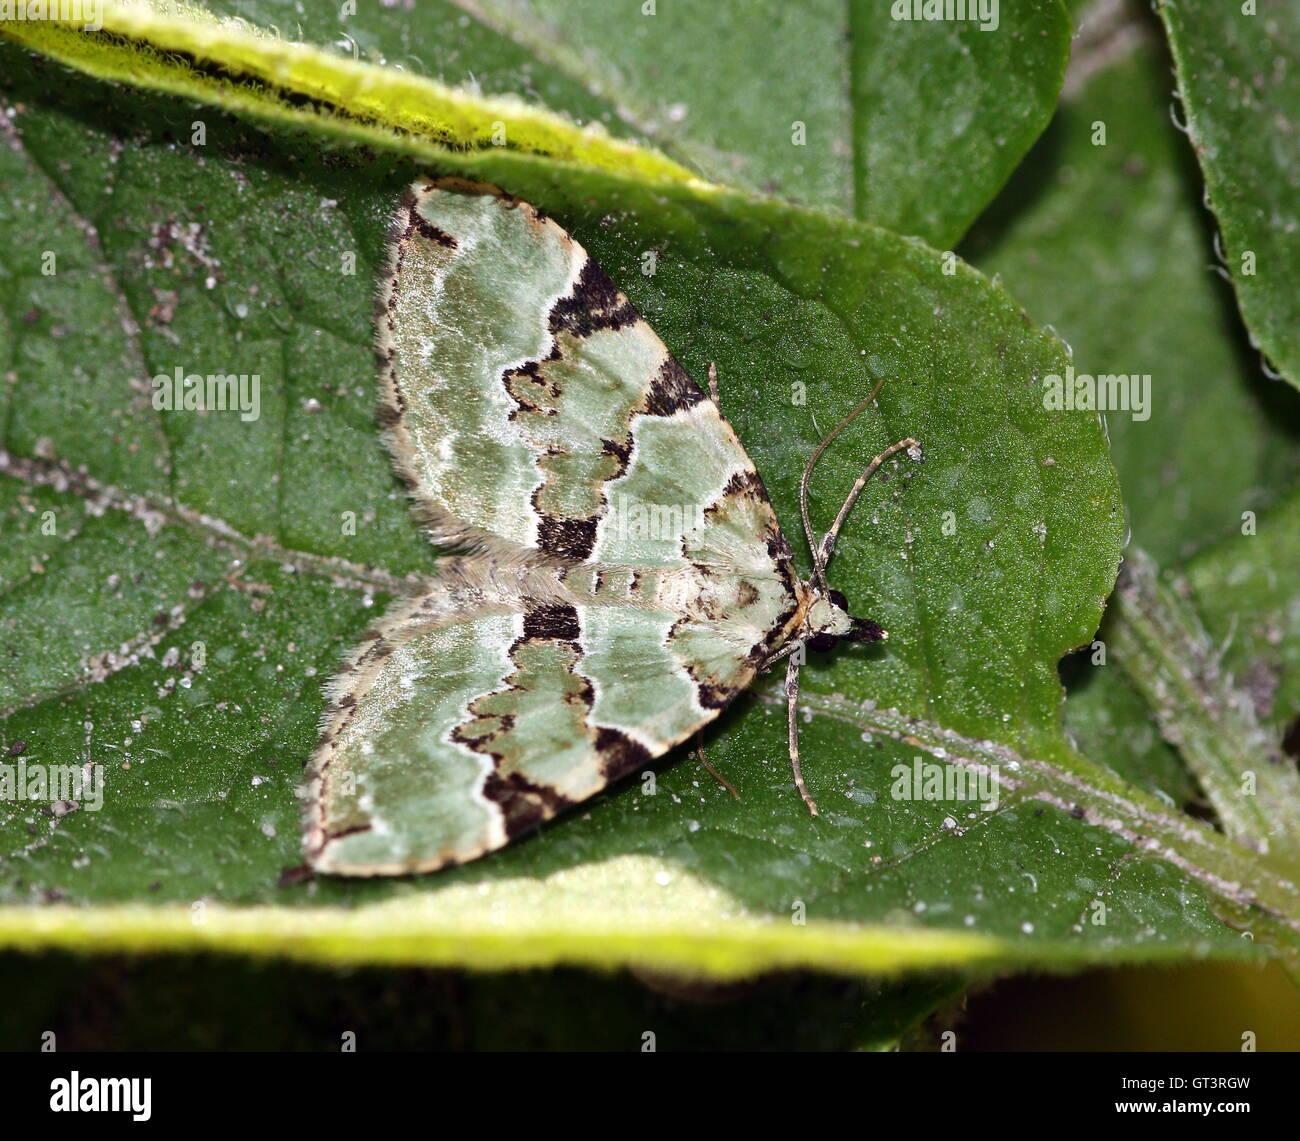 European Green Carpet Moth (Colostygia pectinataria - Geometridae) - Stock Image